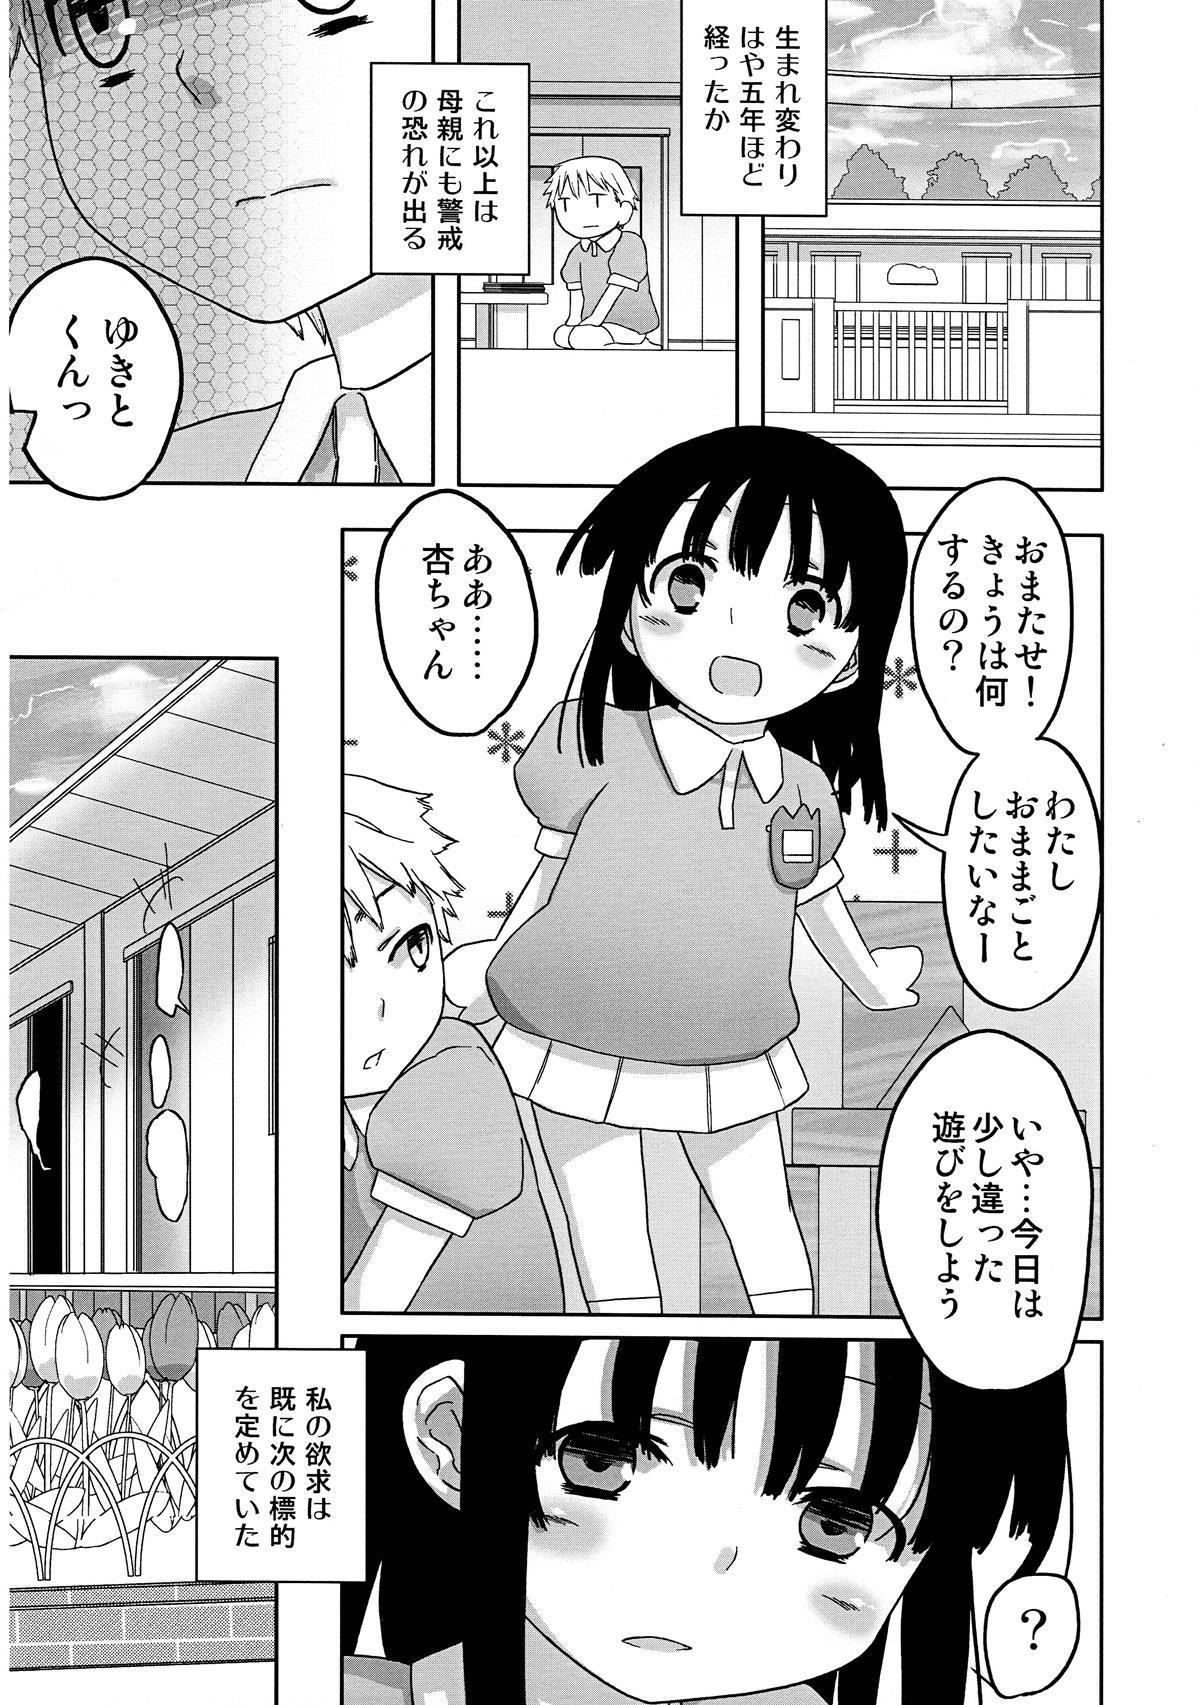 【エロ漫画・エロ同人】生まれ変わって赤ん坊からやり直せたらとりあえず母親のおっぱい責めまくりwww (5)